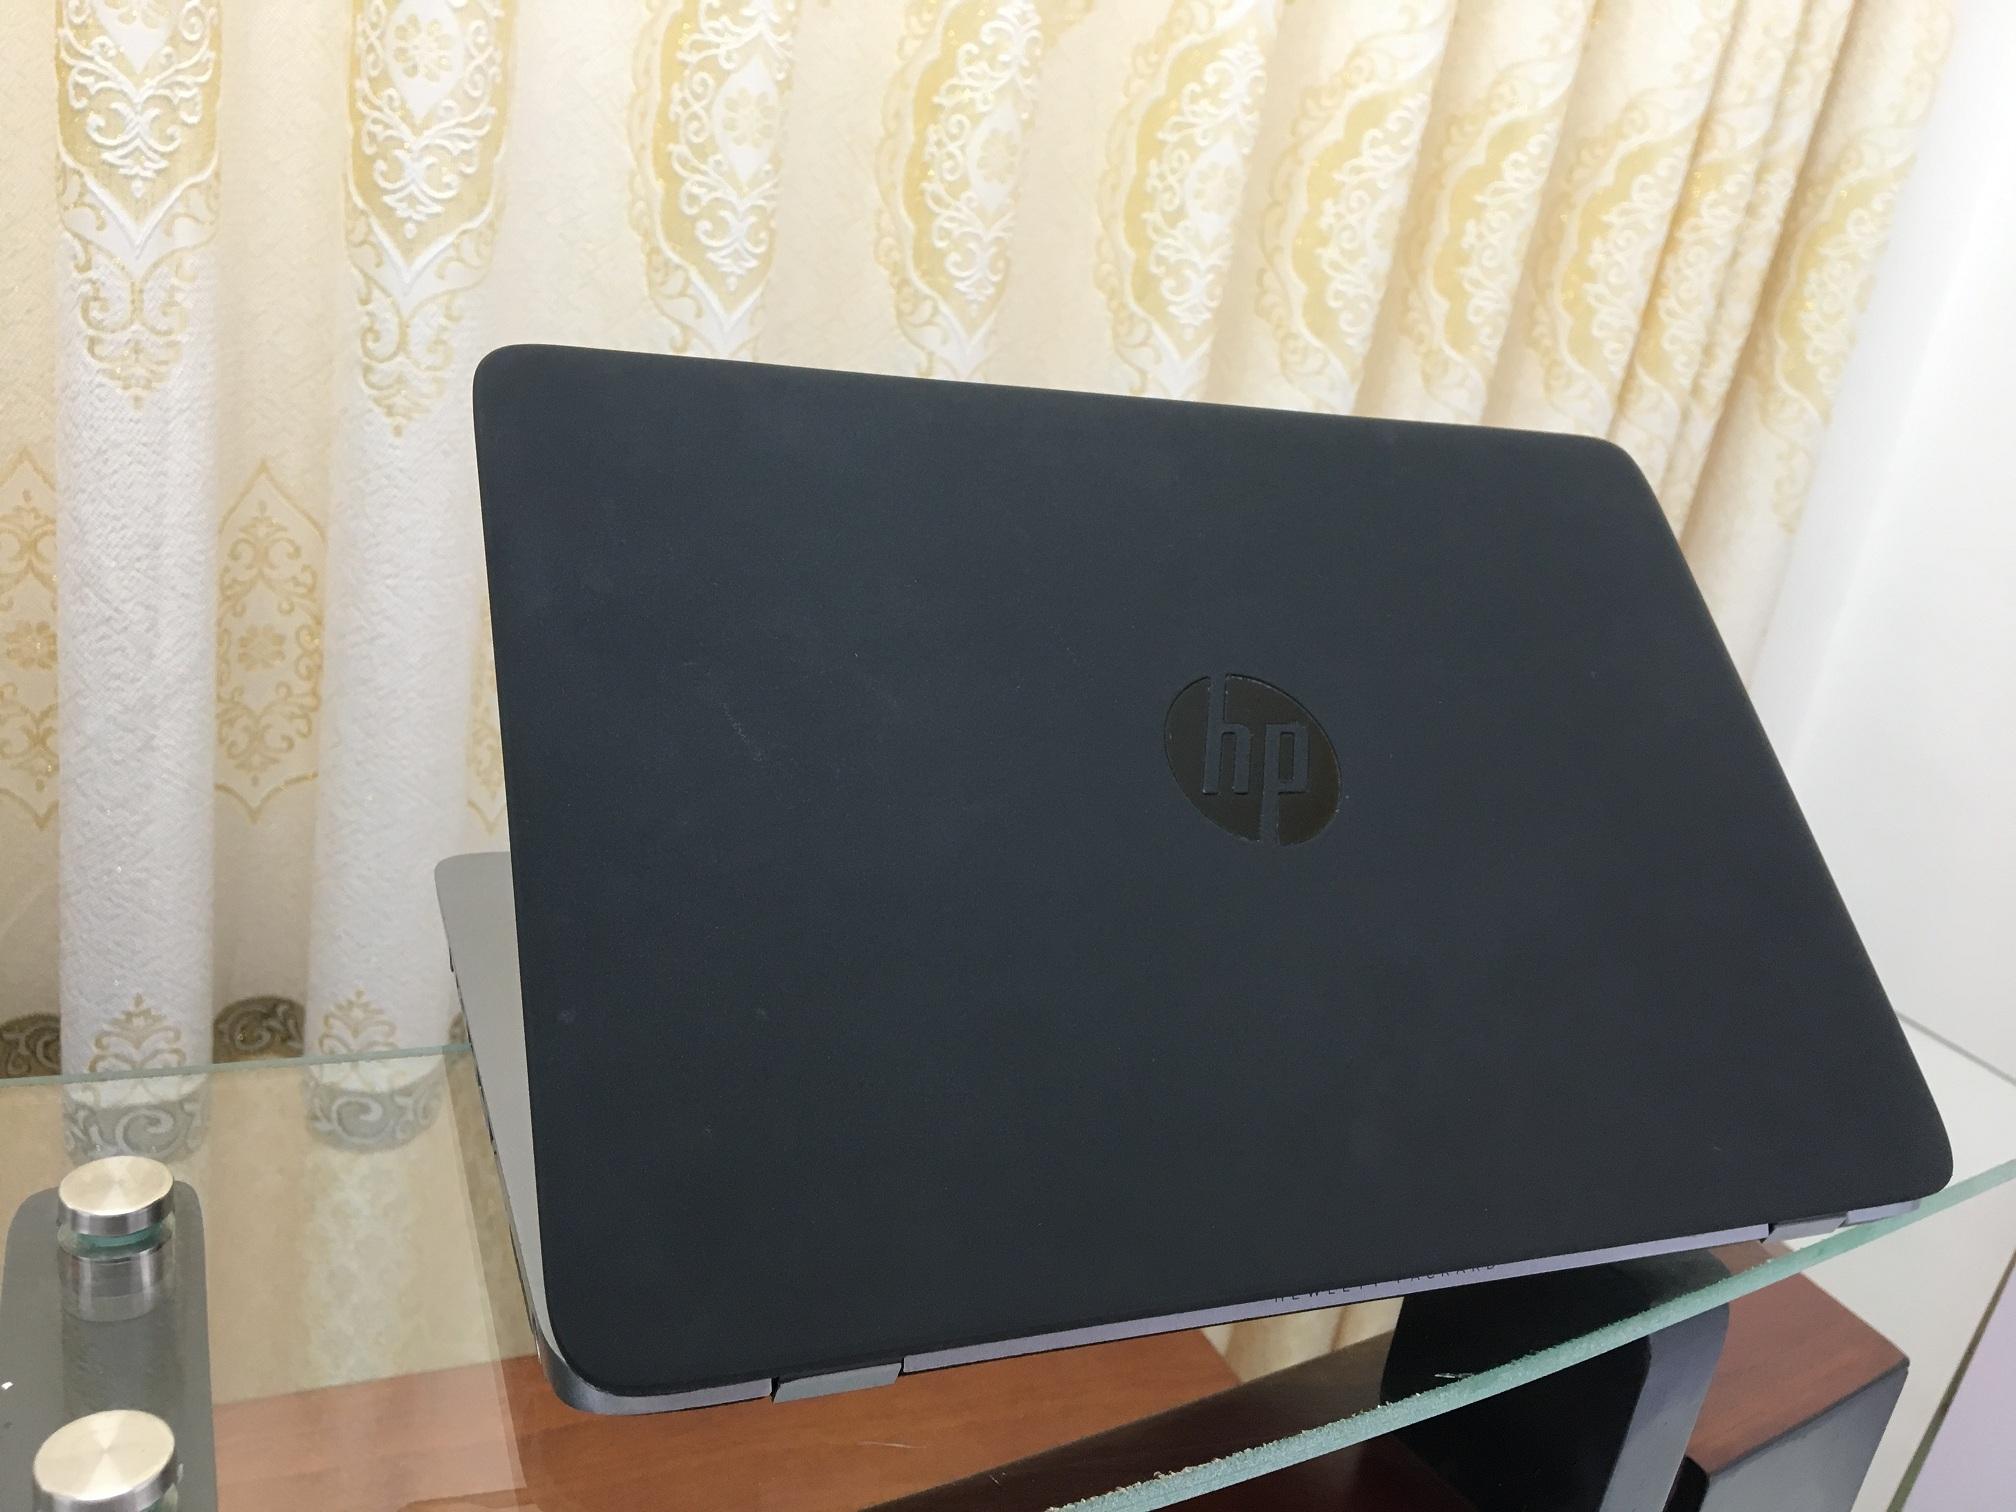 Kết quả hình ảnh cho HP 820 G1